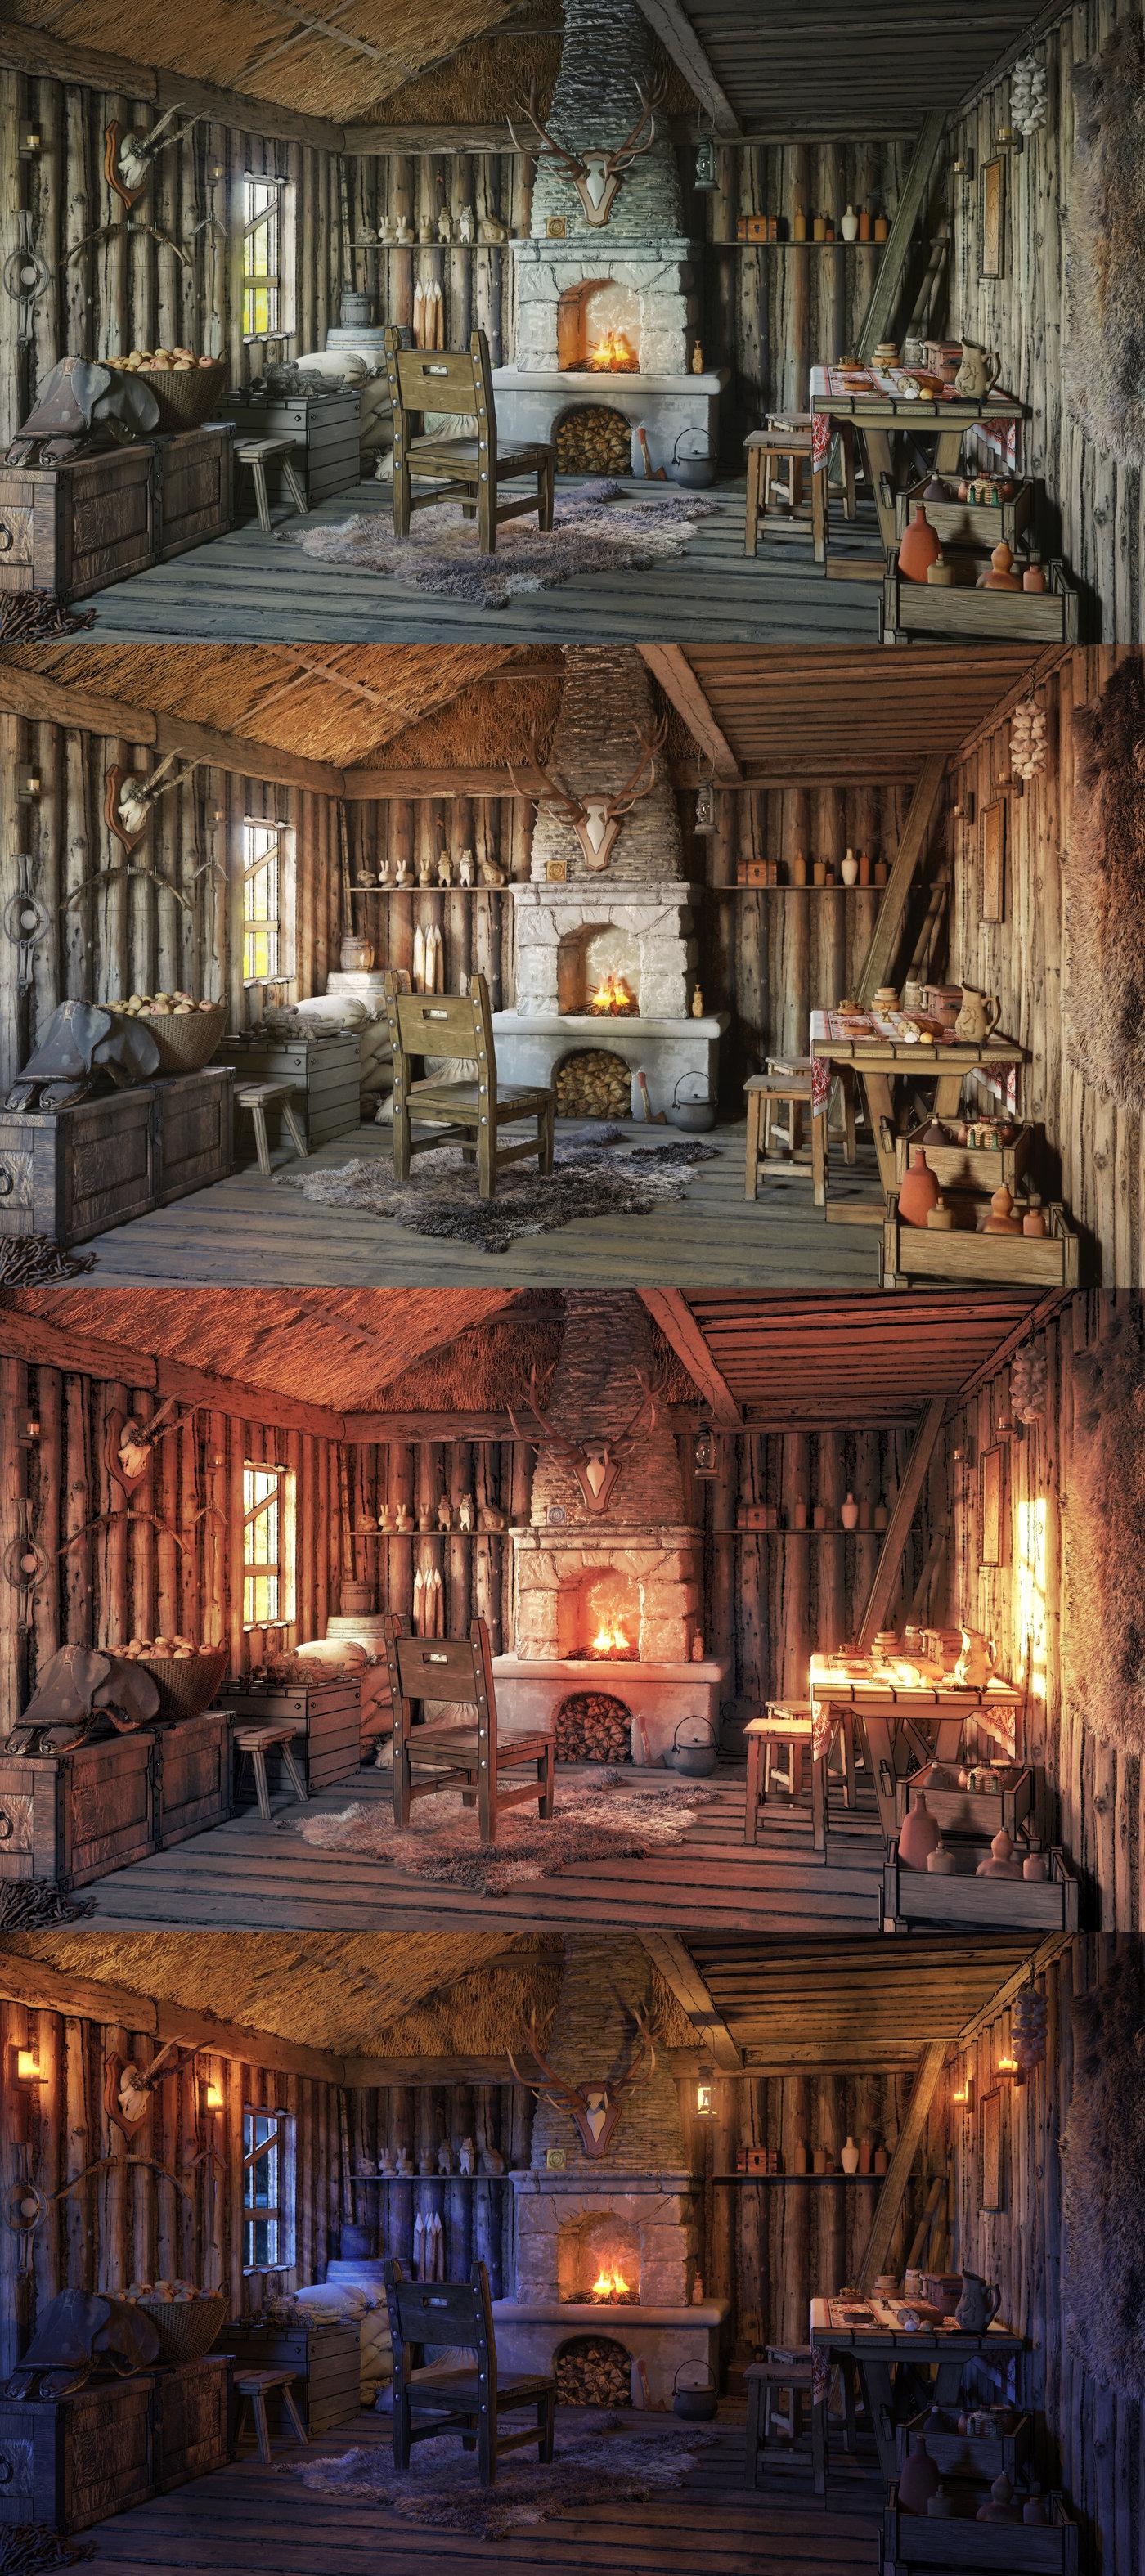 Hunter hut interior